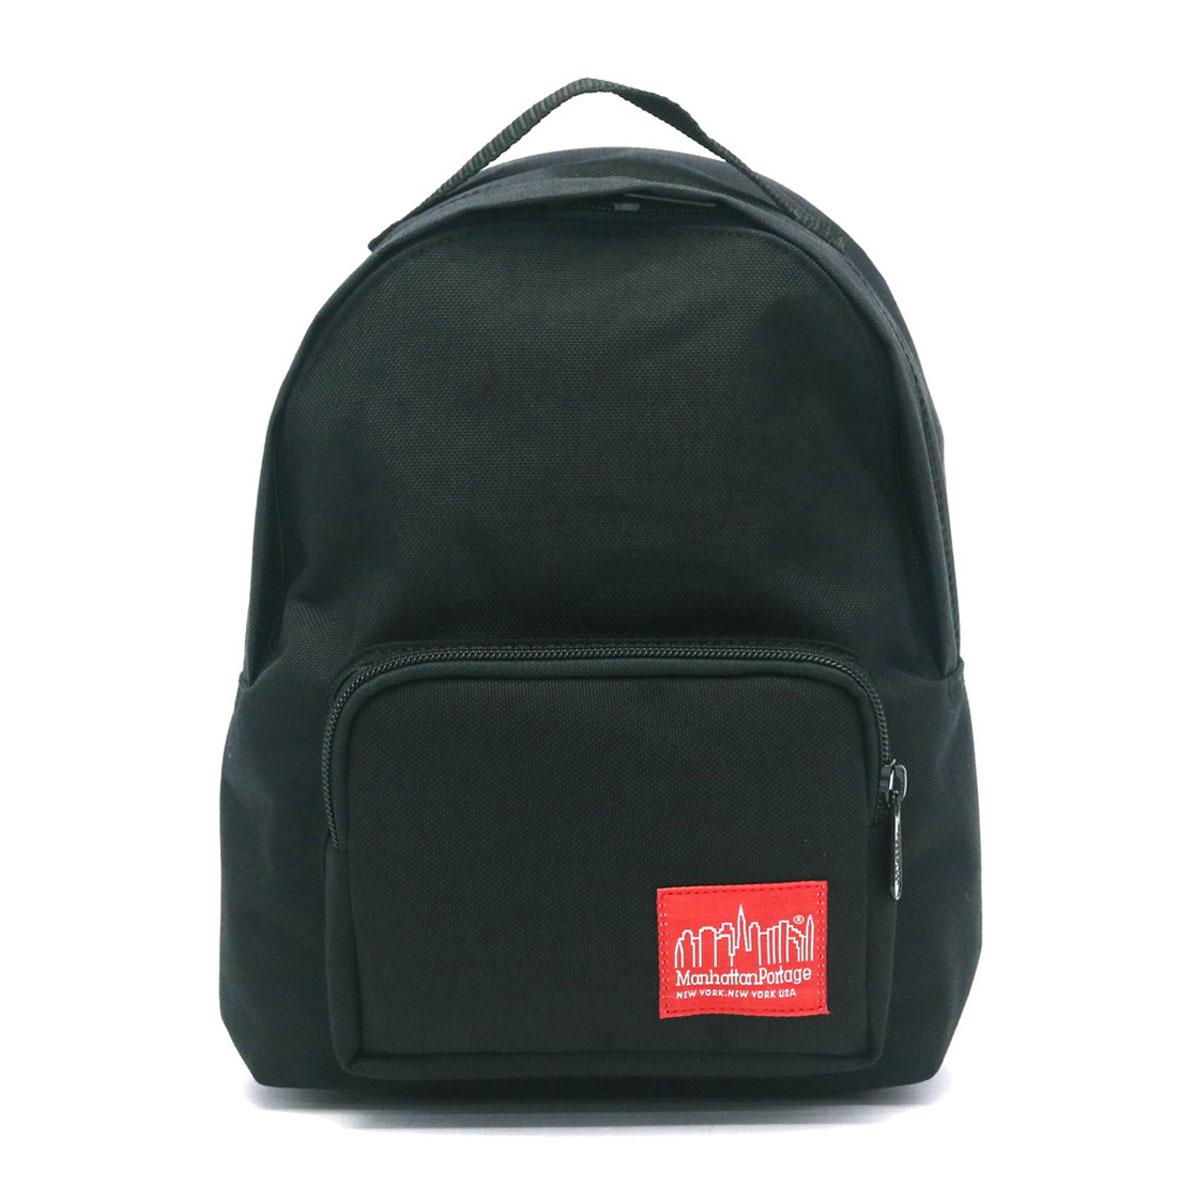 c6fe96d0c82f 【日本正規品】マンハッタンポーテージ リュック Manhattan Portage ミニリュック ミニ バックパック リュックサック マンハッタン  Mini Big Apple Backpack メンズ ...